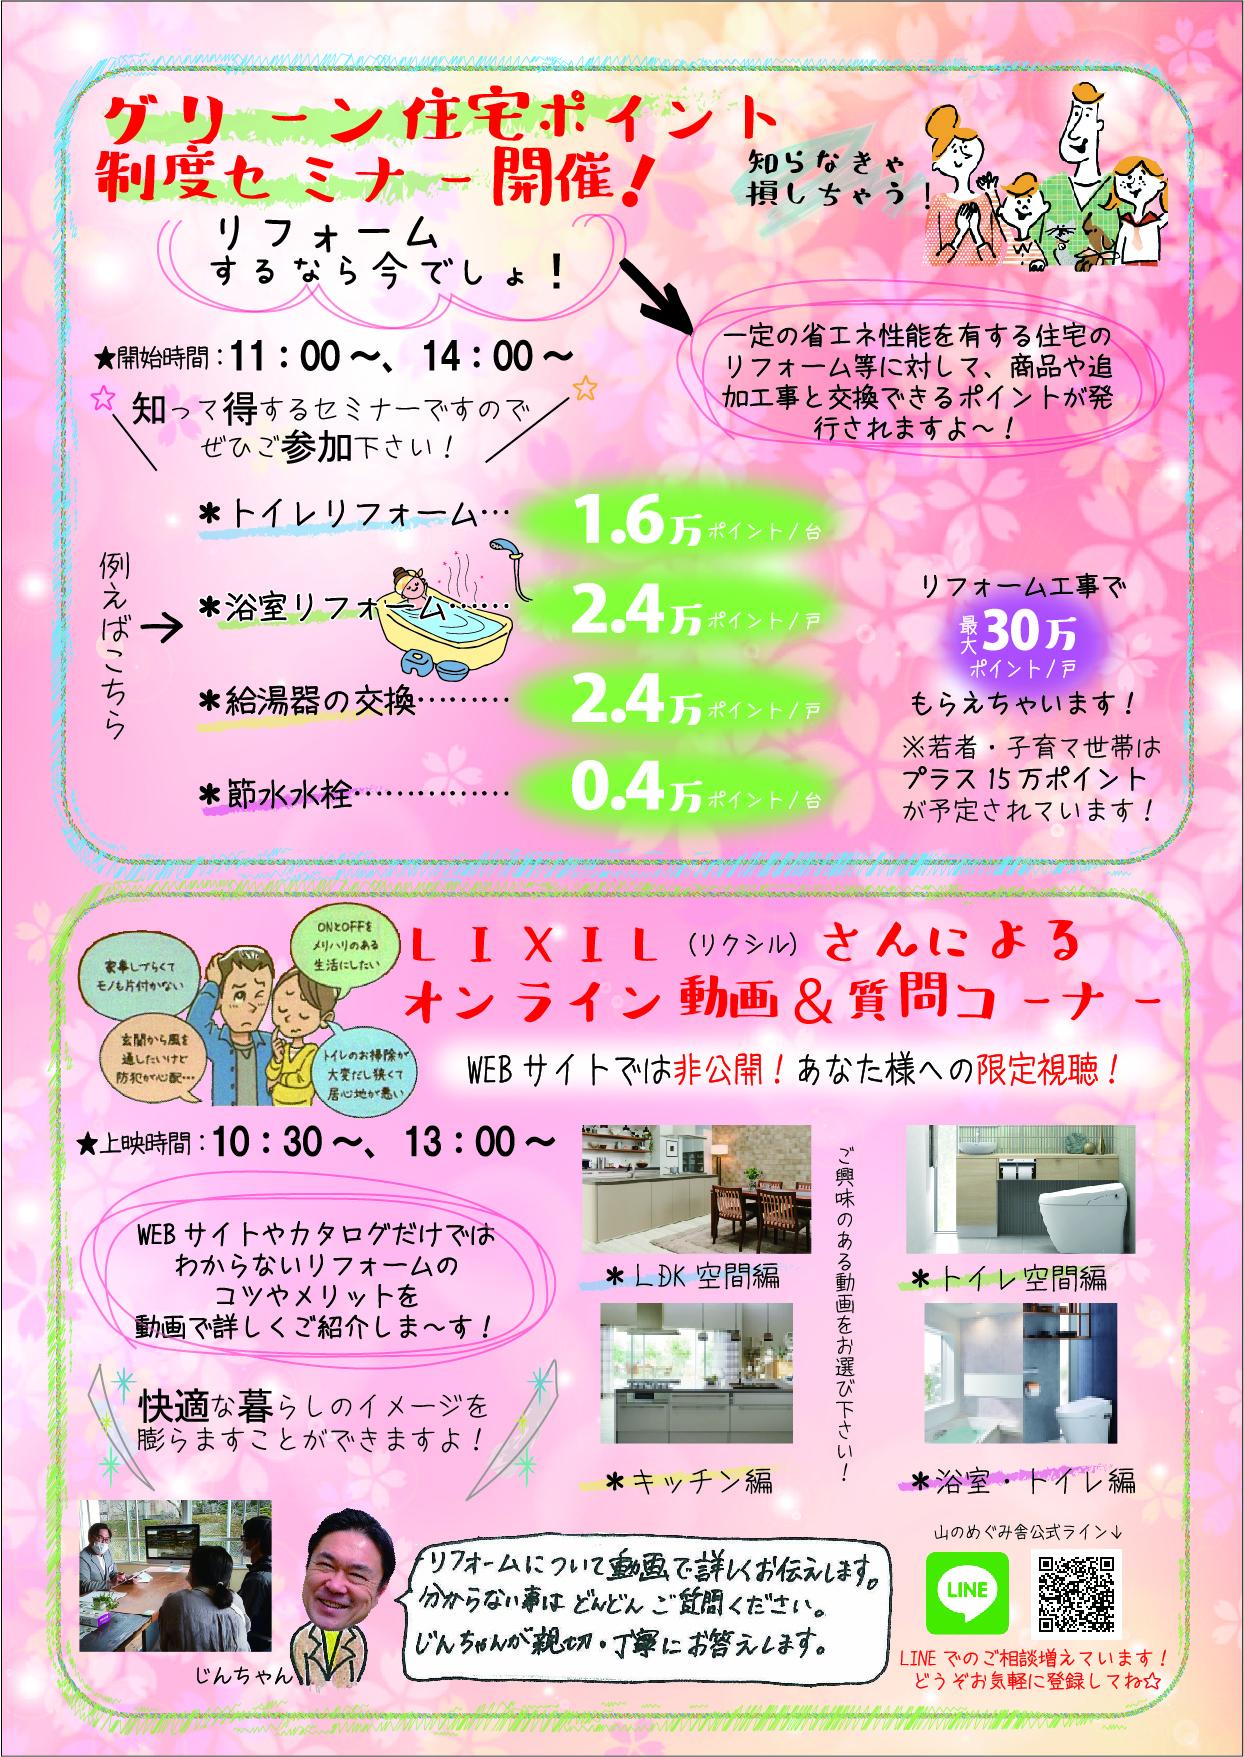 心の温泉サロン開催! 伊賀市 名張市